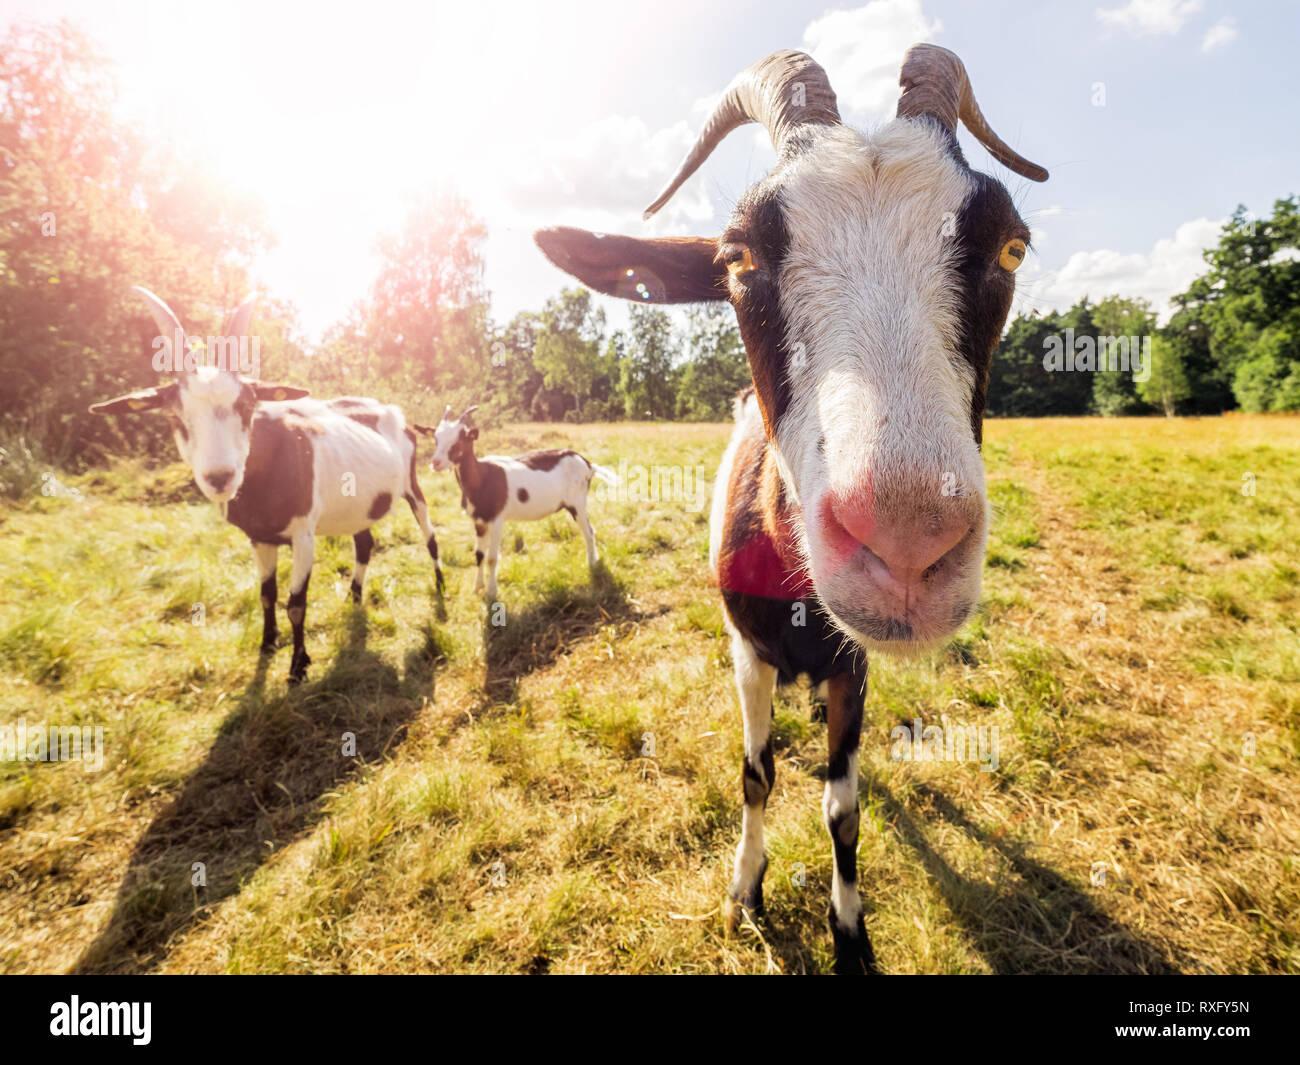 Nahaufnahme einer Ziege Stockfoto